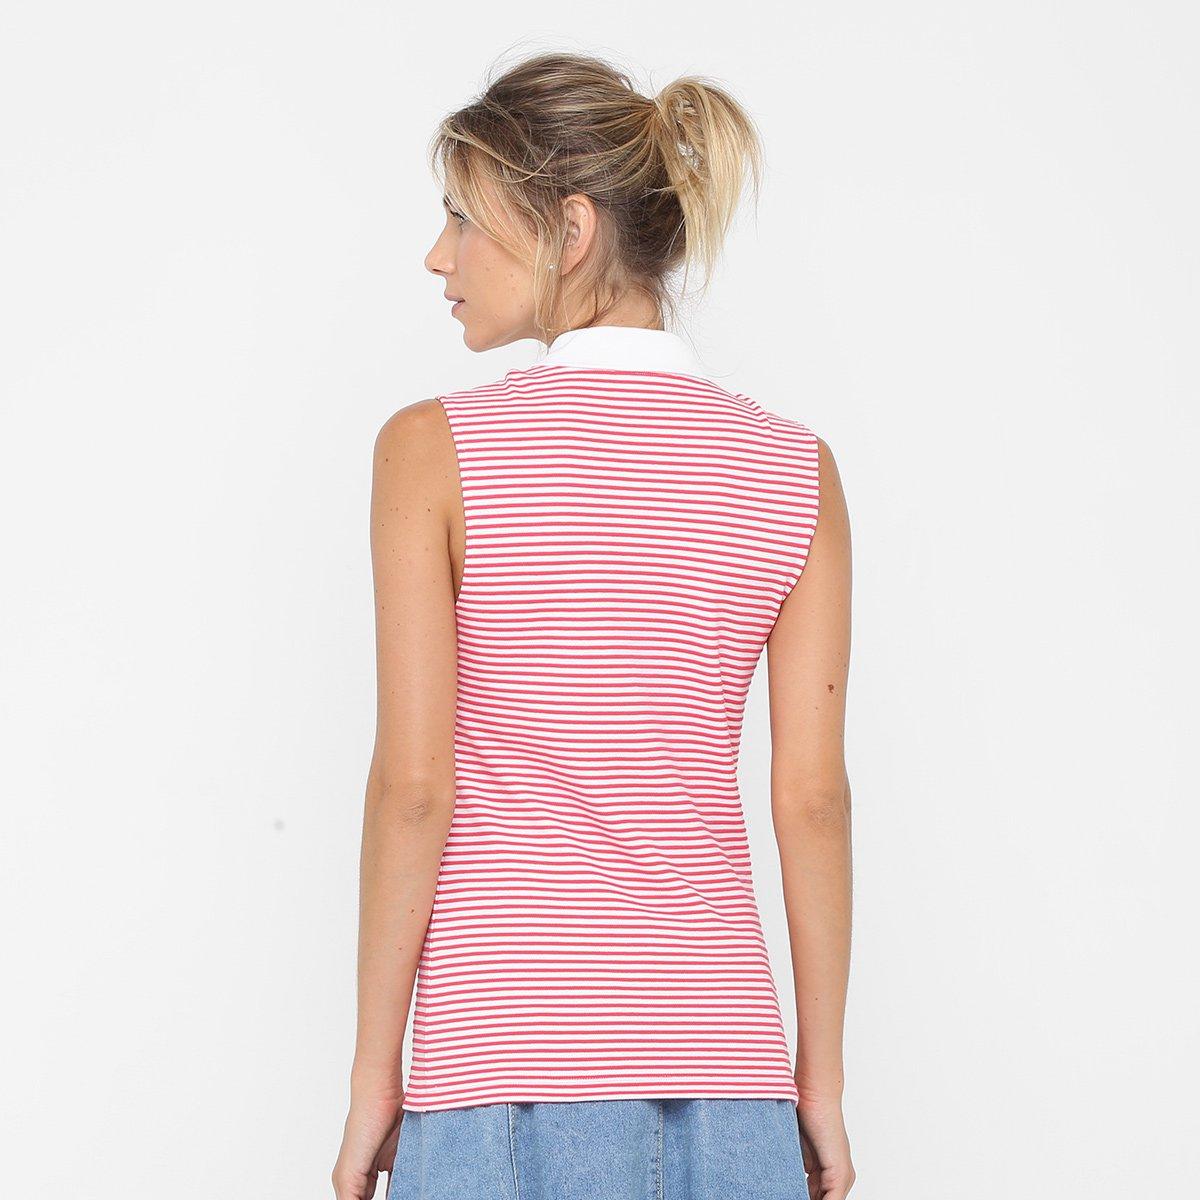 012aef7f9658c Camisa Polo Lacoste Sem Mangas Listrada Feminina - Compre Agora ...